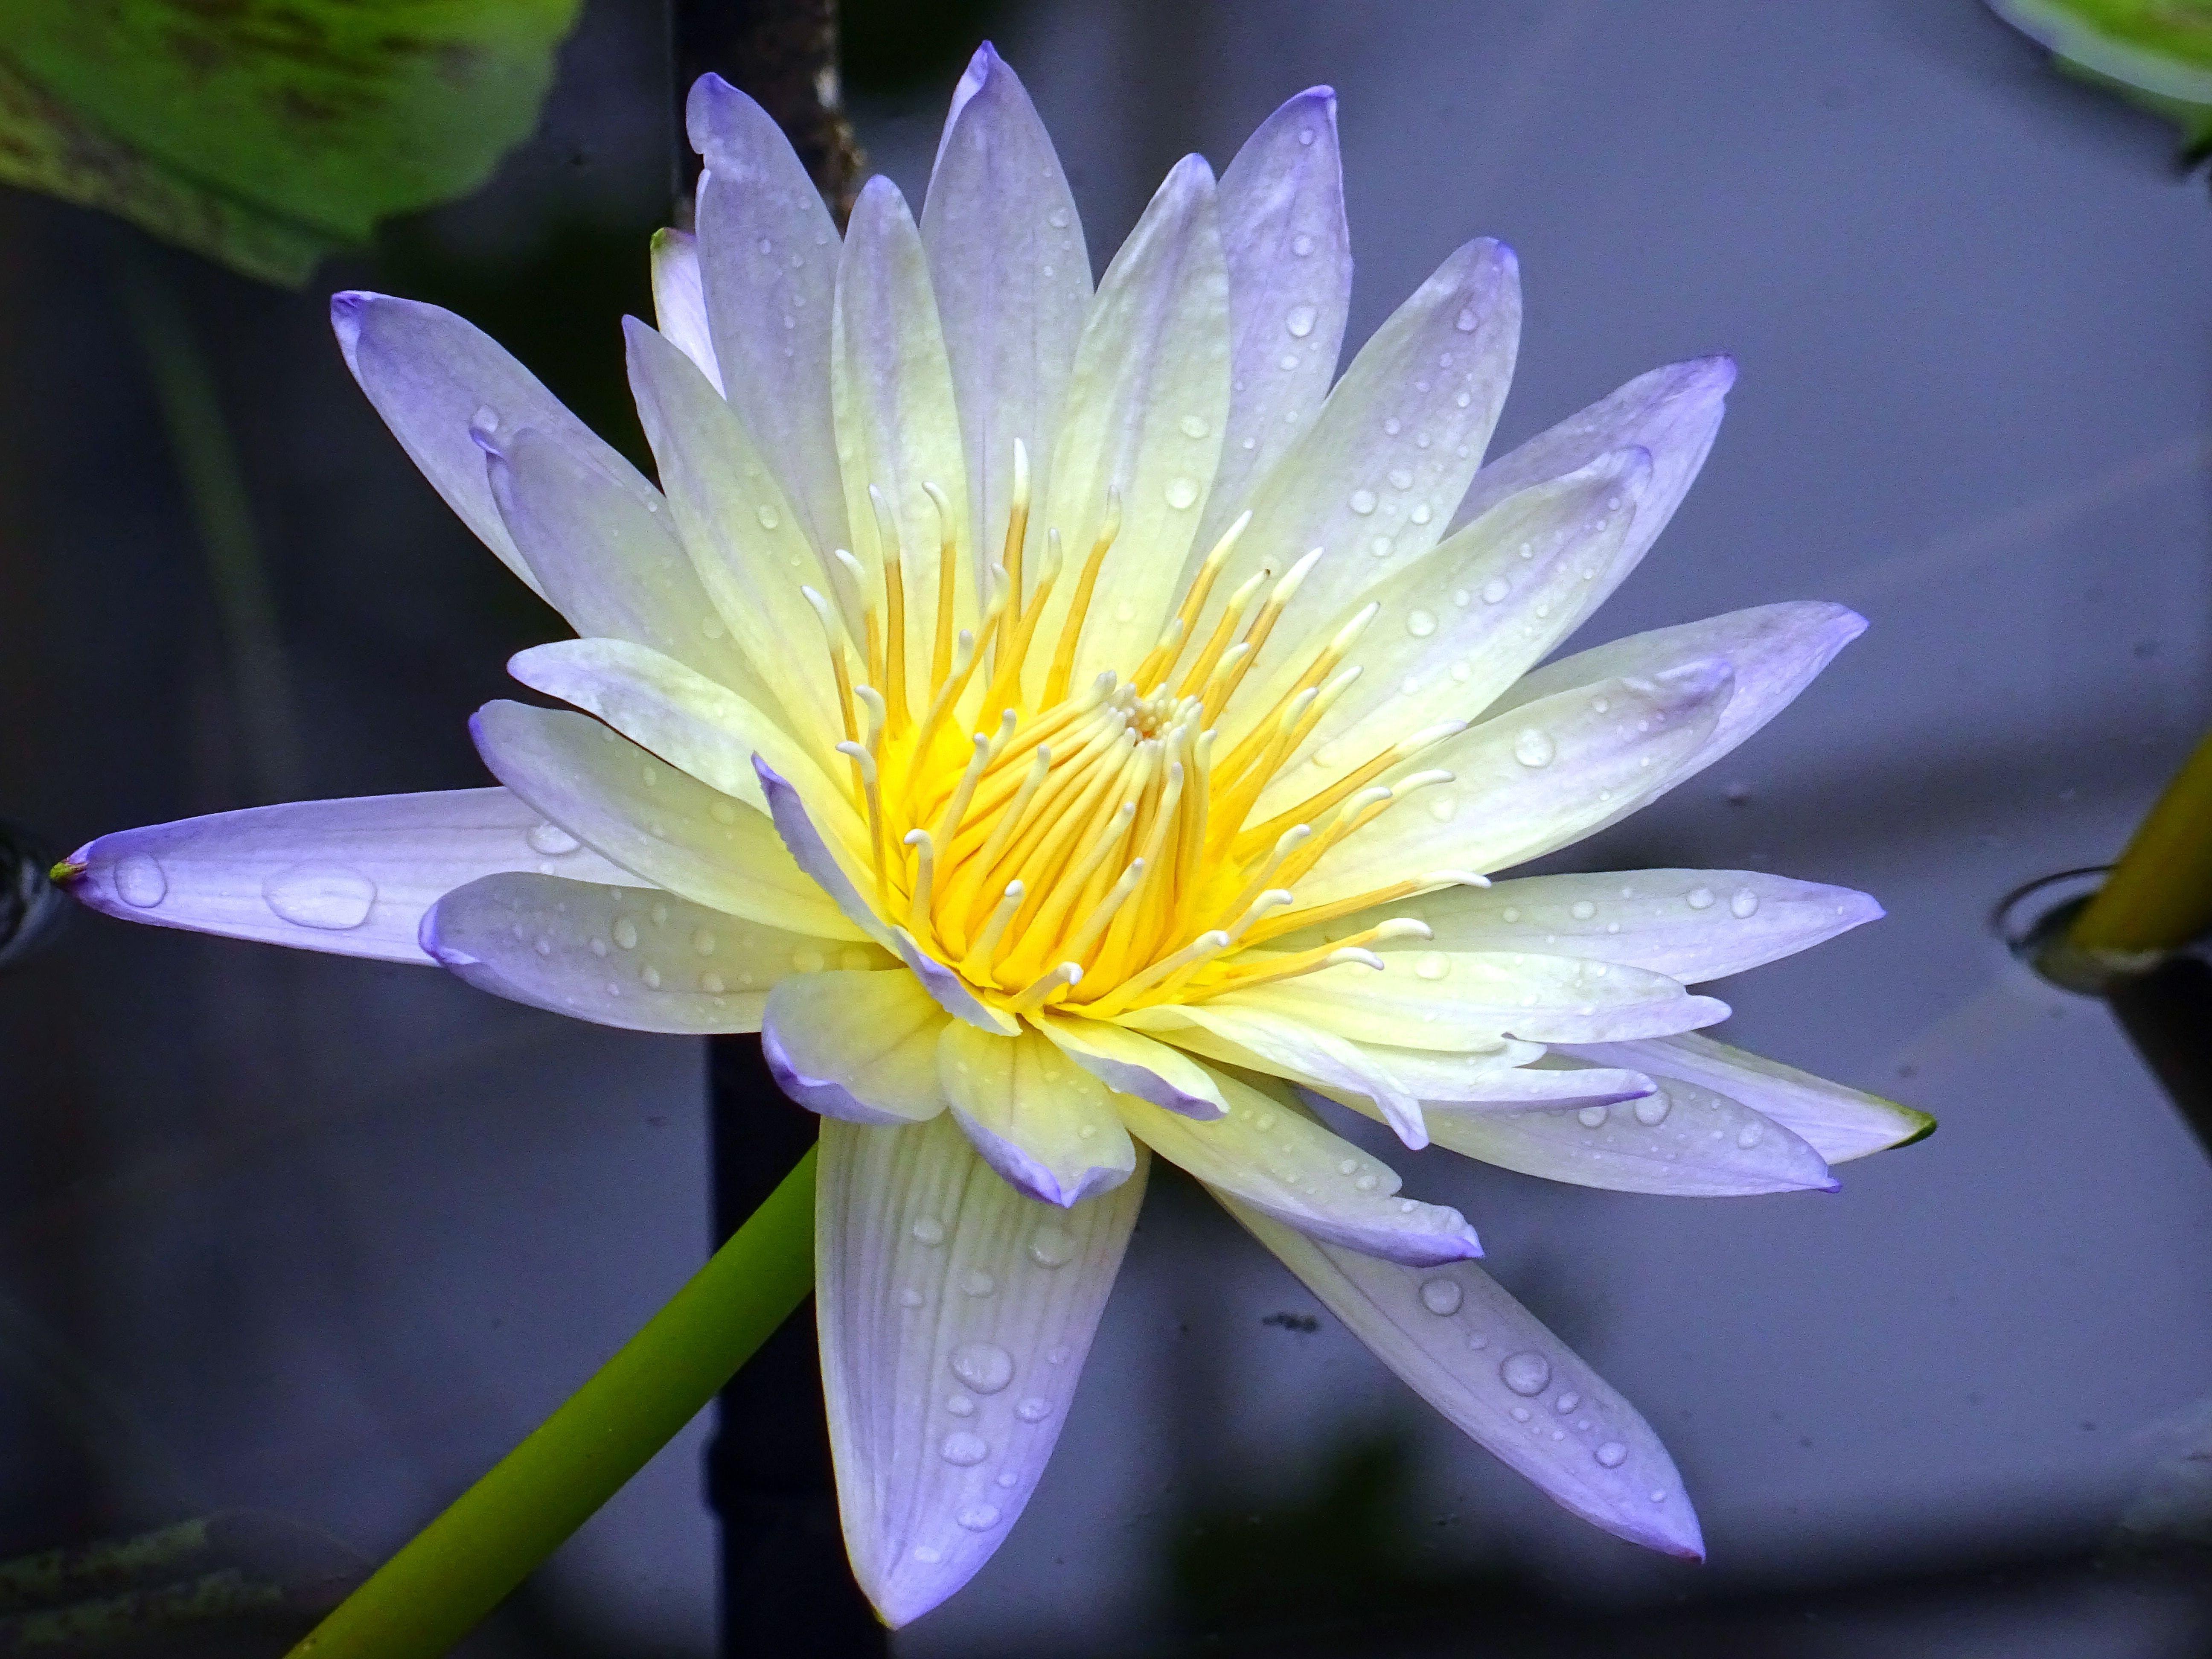 aquatic, aquatic plant, beautiful